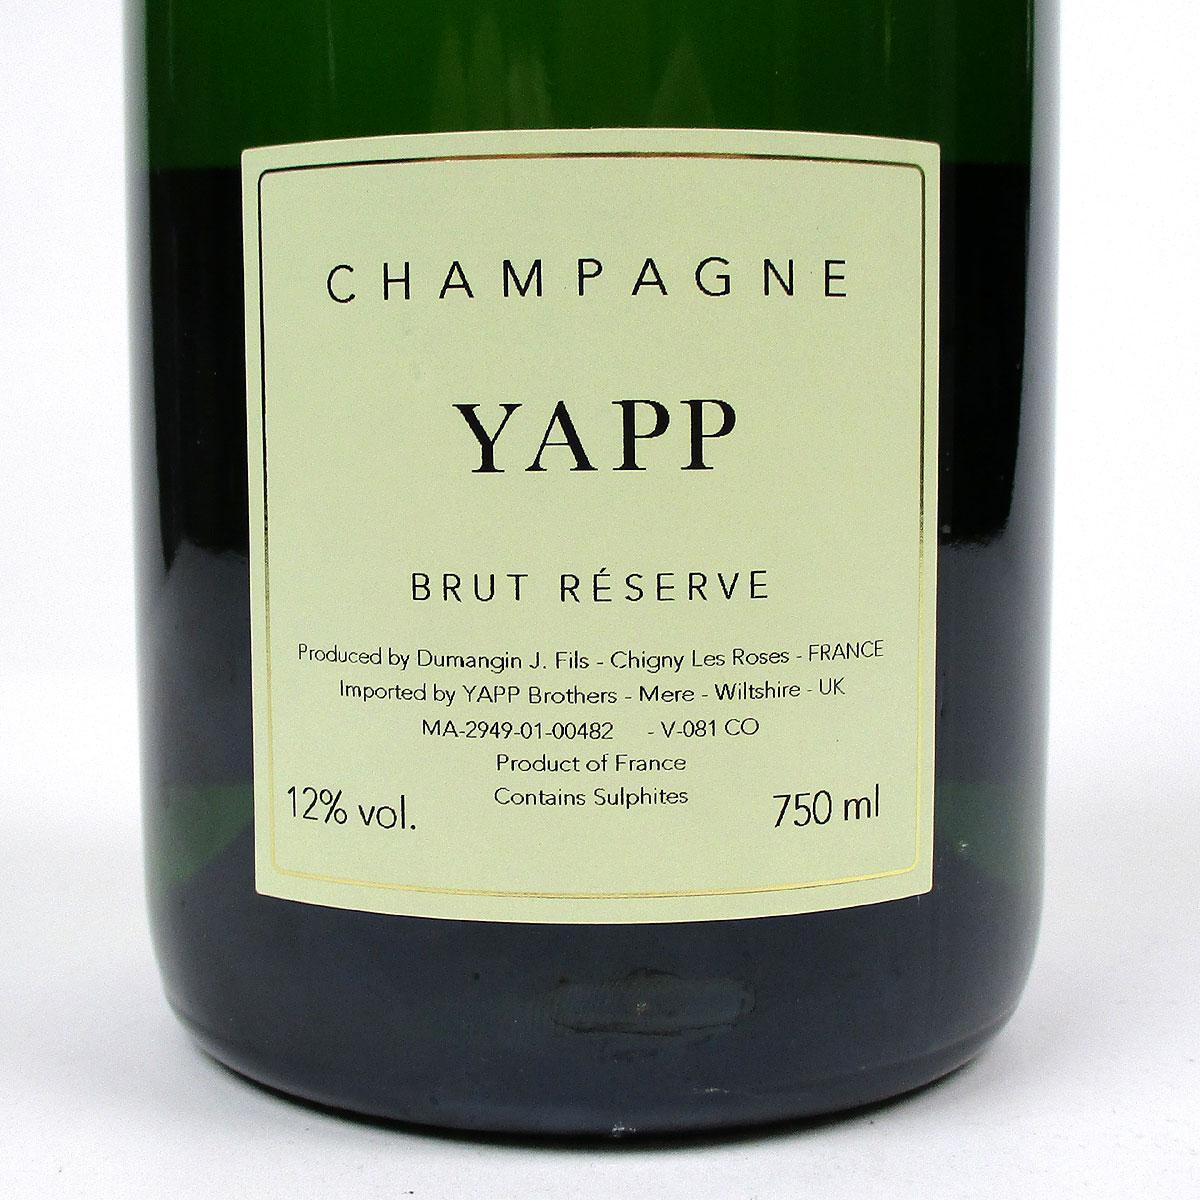 Yapp Champagne: Brut NV - Bottle Rear Label